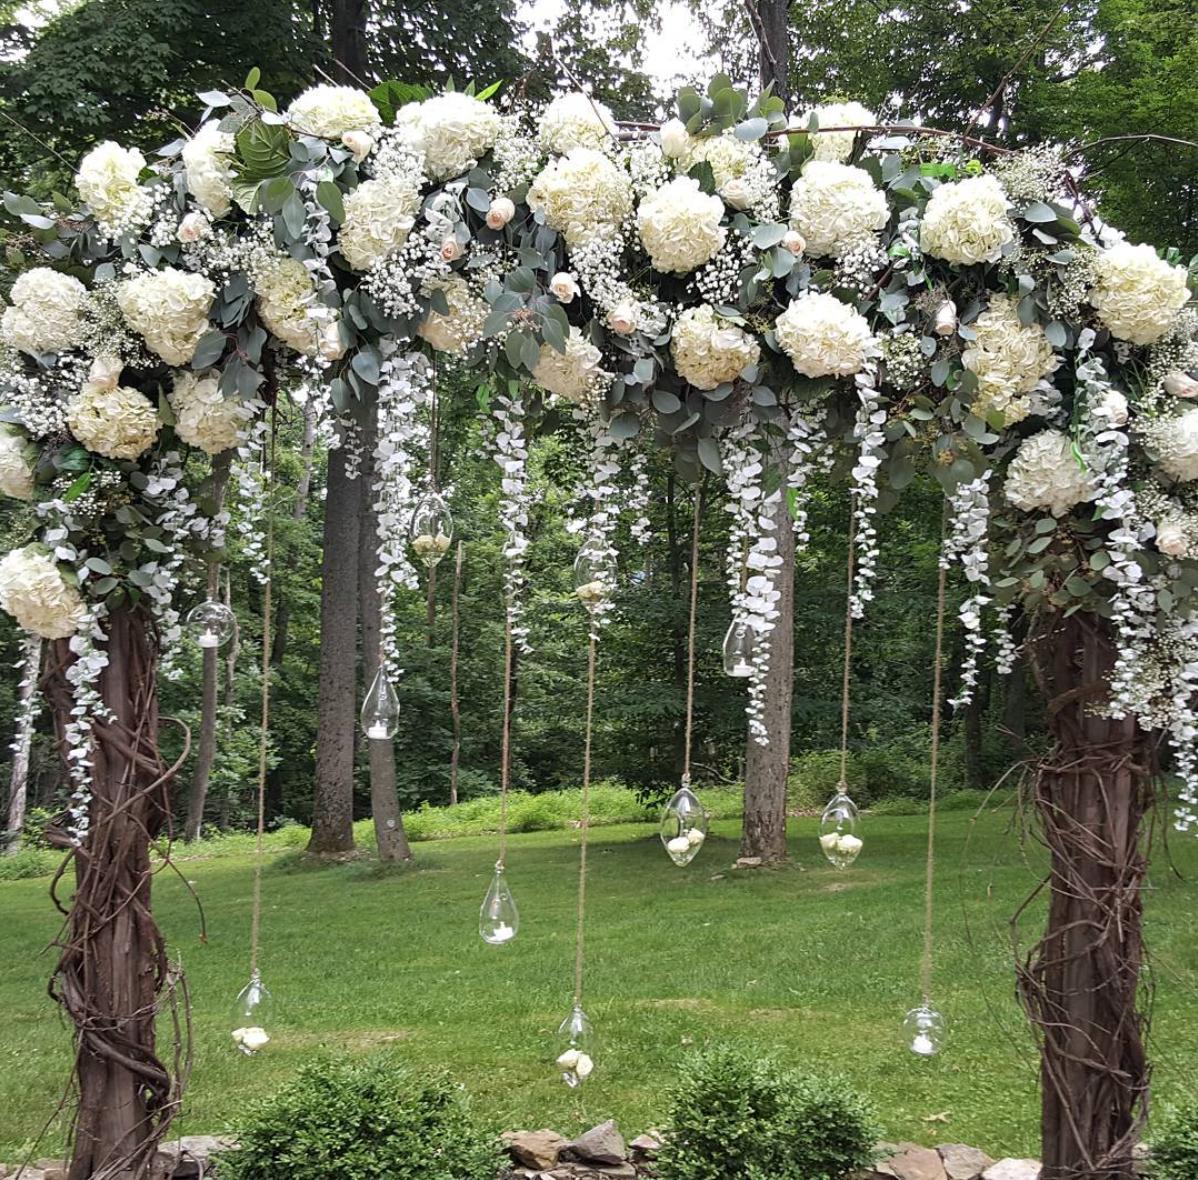 Outdoor Rustic Wedding Venue